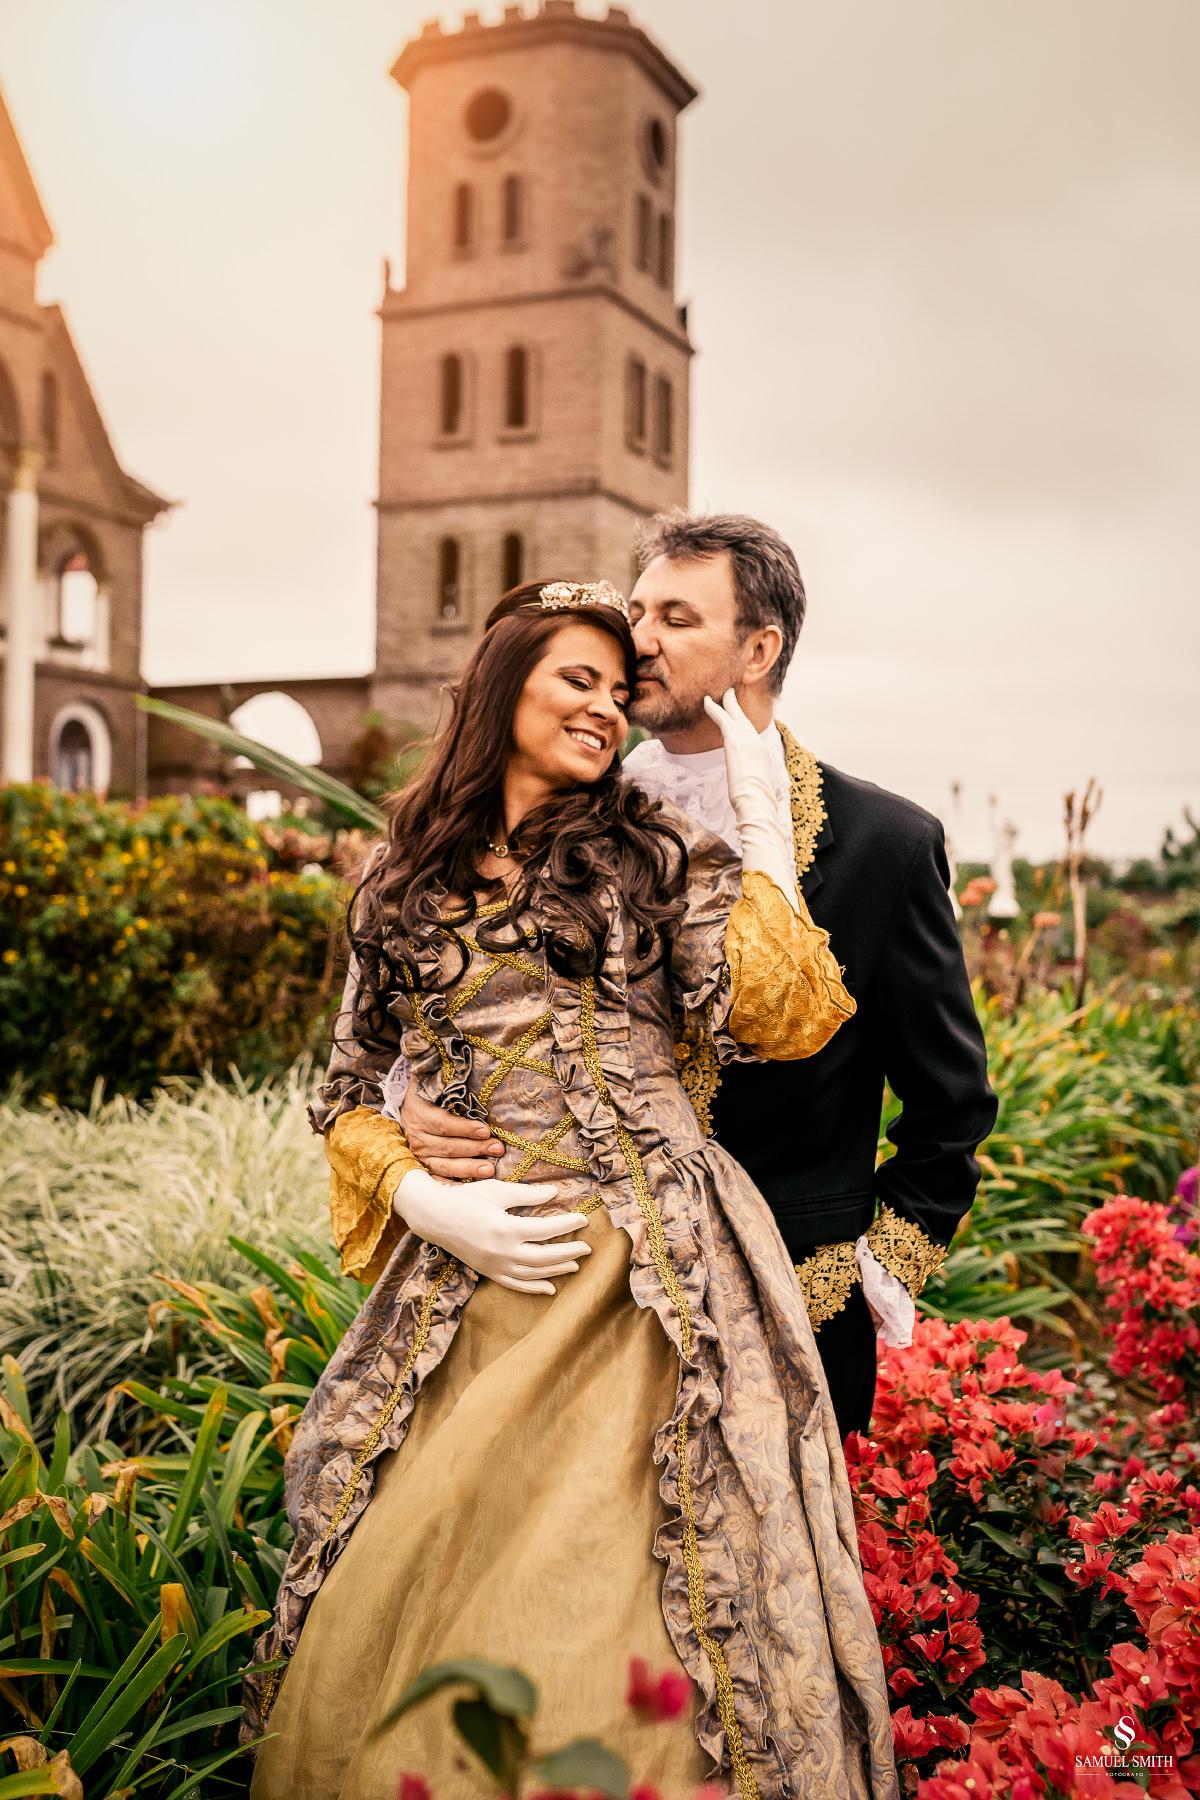 book familia fotos casal ensaio fotográfico castelo belvedere fantasia tema veneza baile (21)